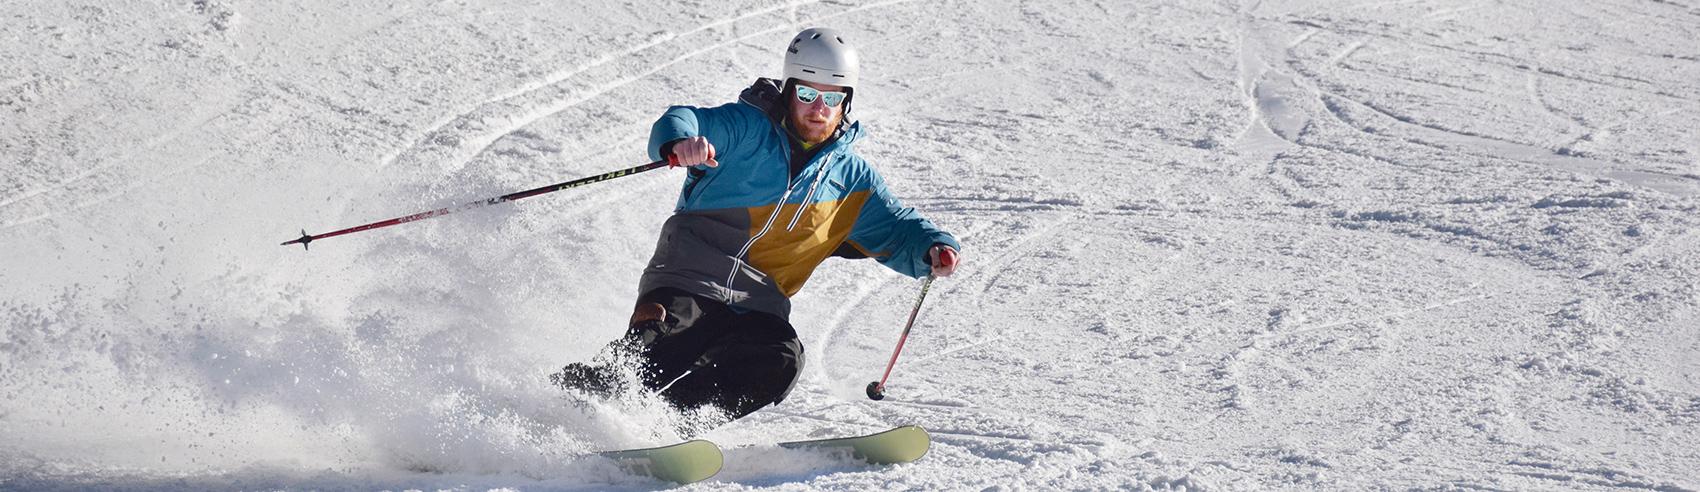 skier-turning